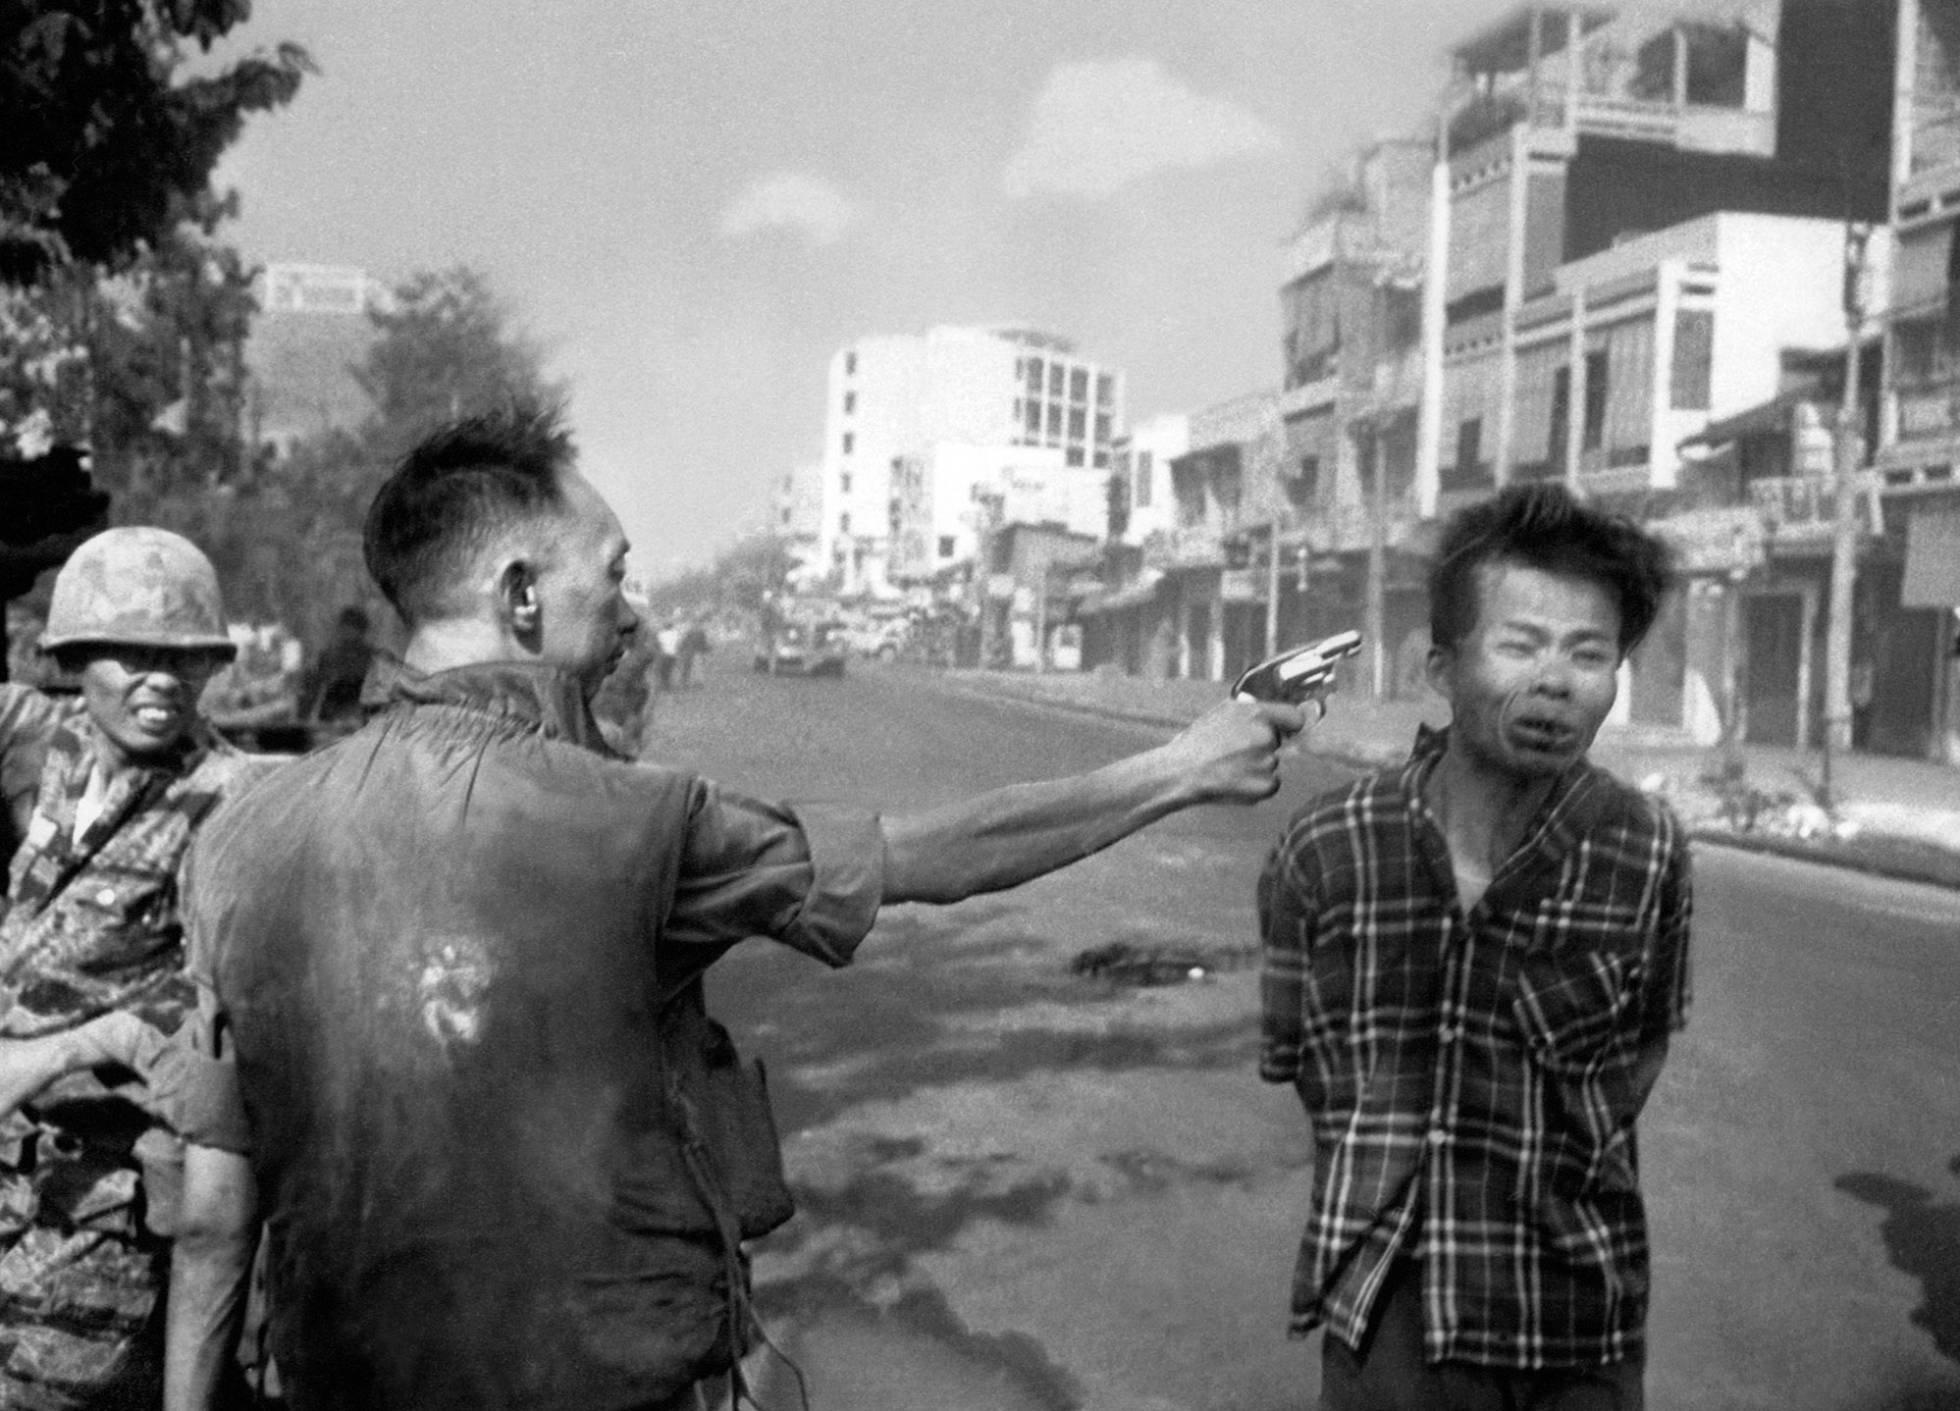 1516881212 852614 1516881314 noticia normal recorte1.jpg?resize=1200,630 - Depois dessa foto tirada na Guerra do Vietnã, fotógrafo se arrependeu para sempre